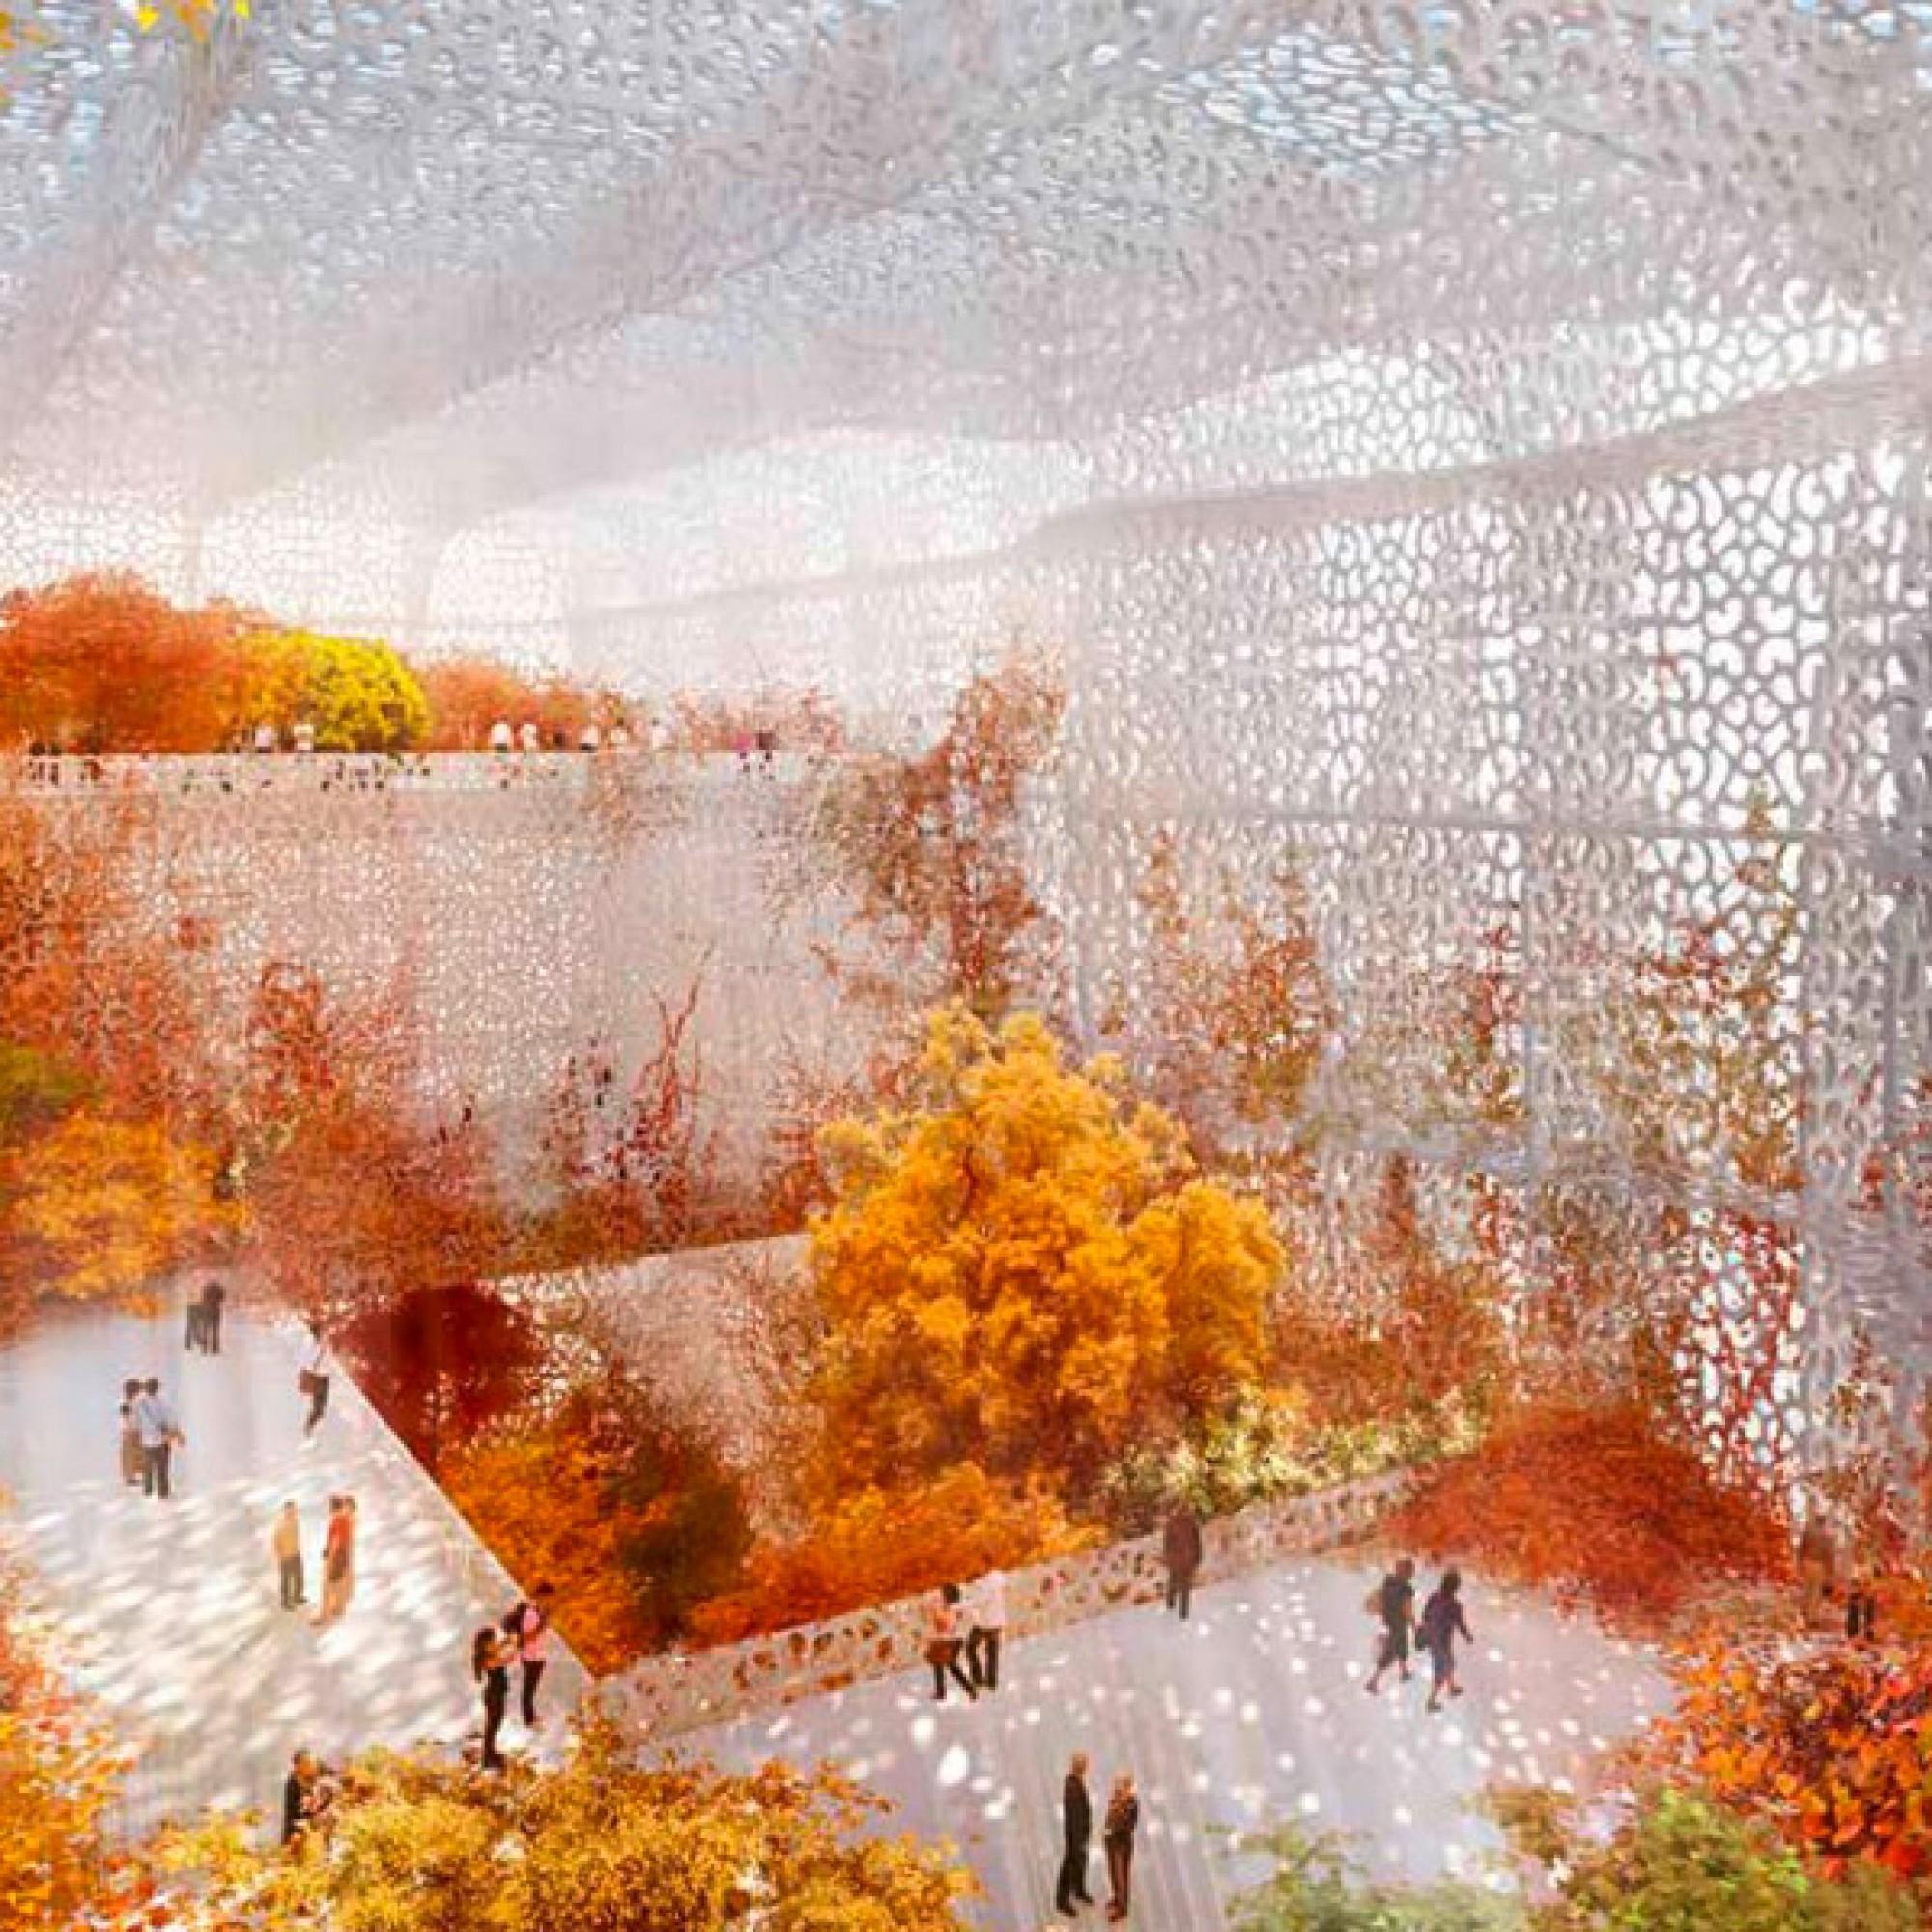 Herbststimmung im Garten des Museums.  (Visualisierung zvg)